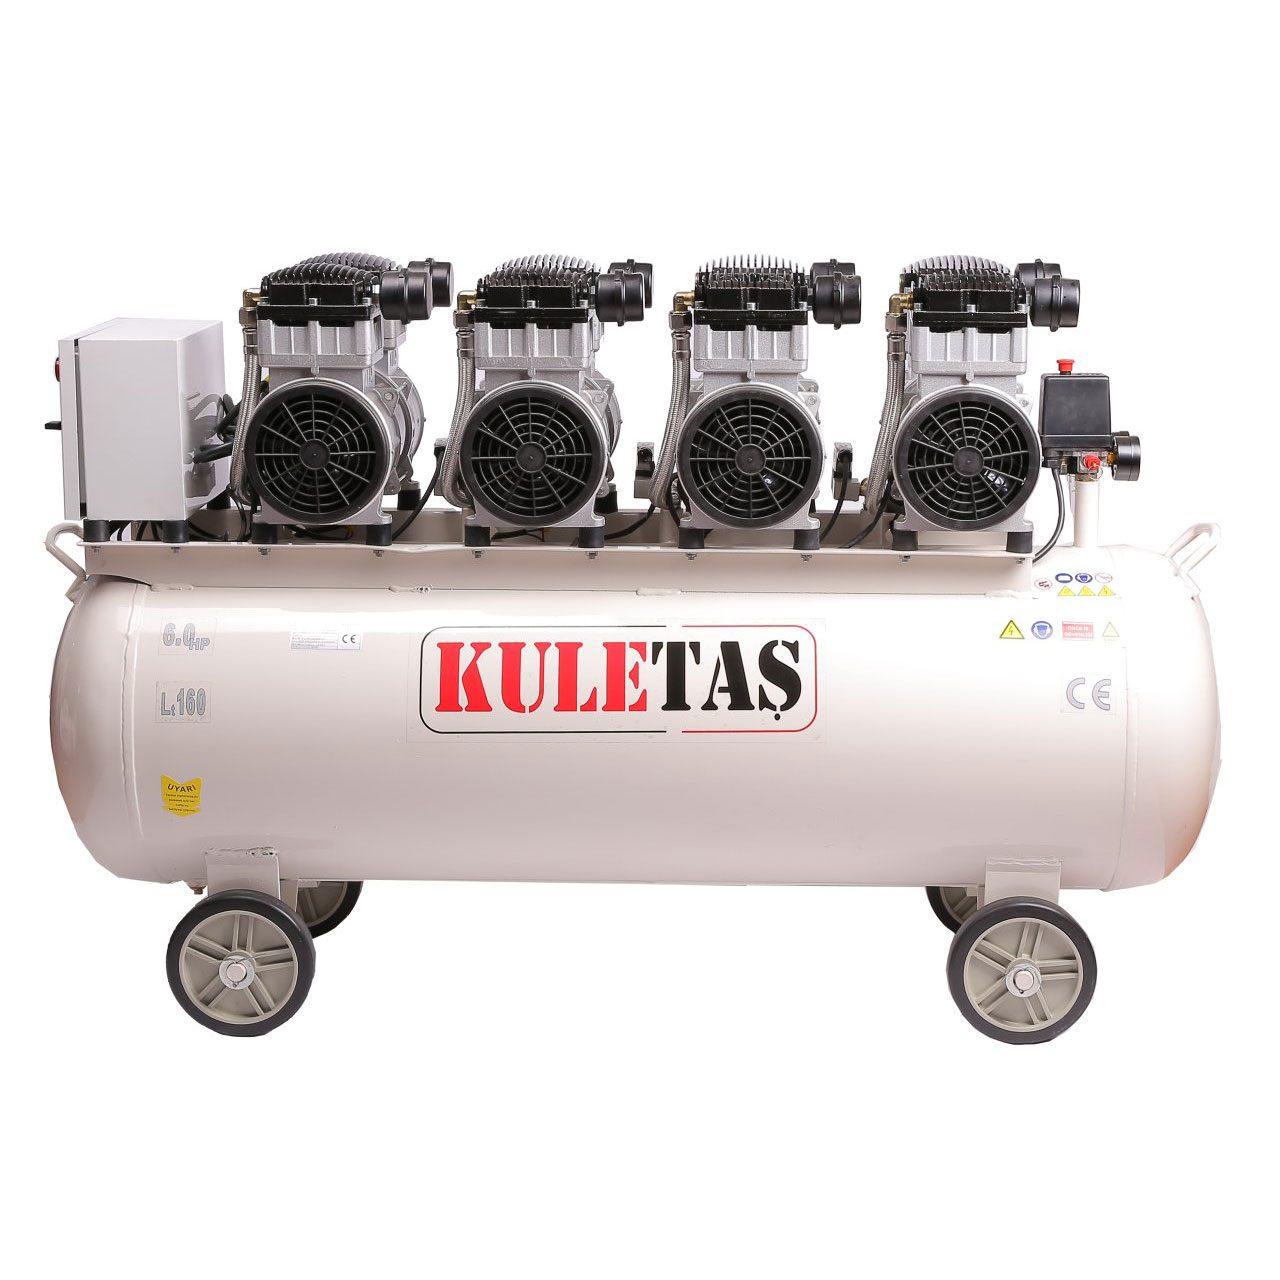 Kuletaş-Süper-Sessiz-Kompresör-160-Litre-6HP